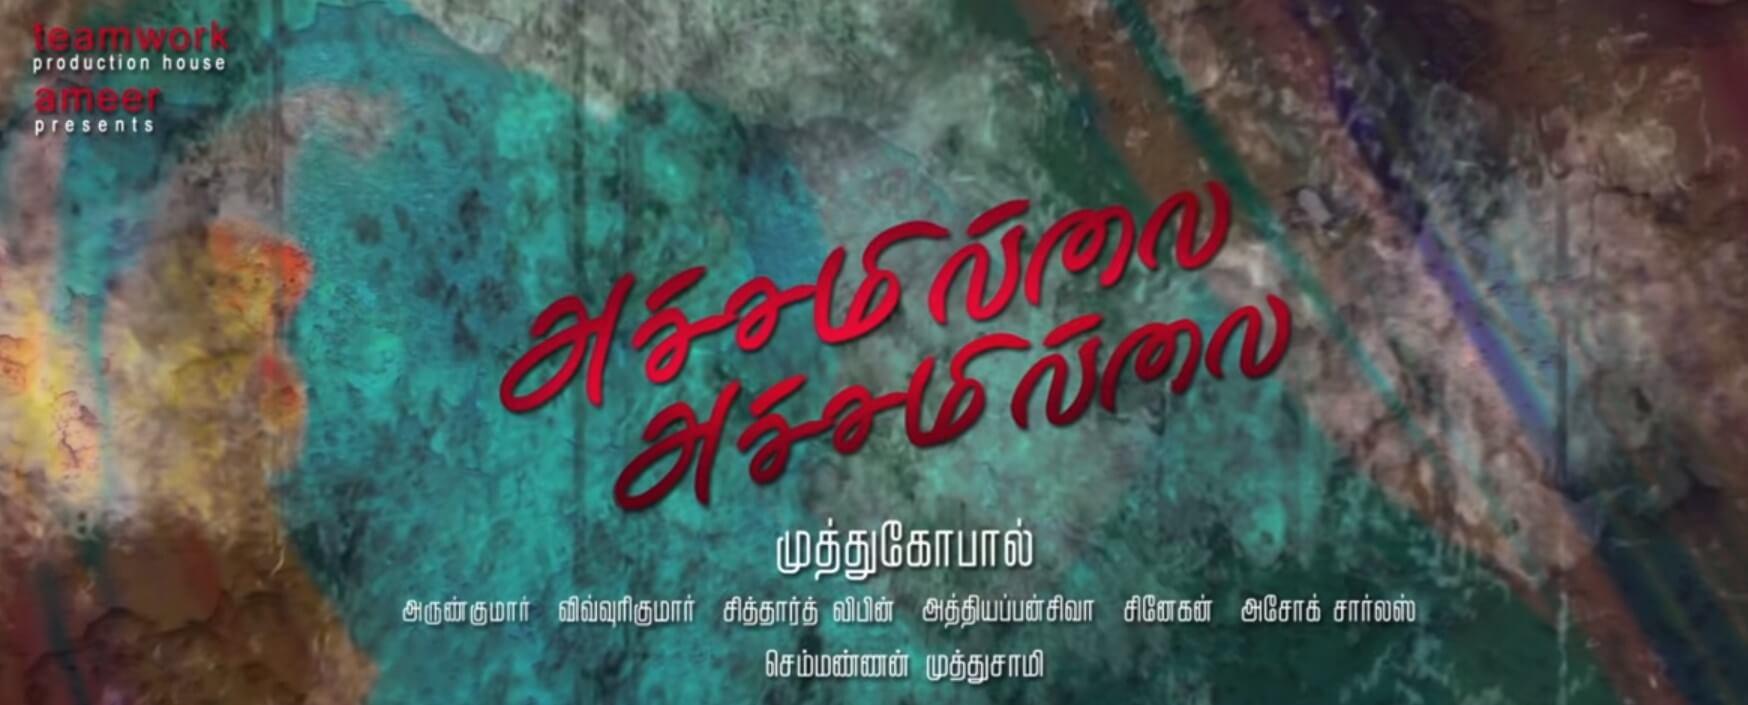 Achamillai Achamillai Tamil Movie